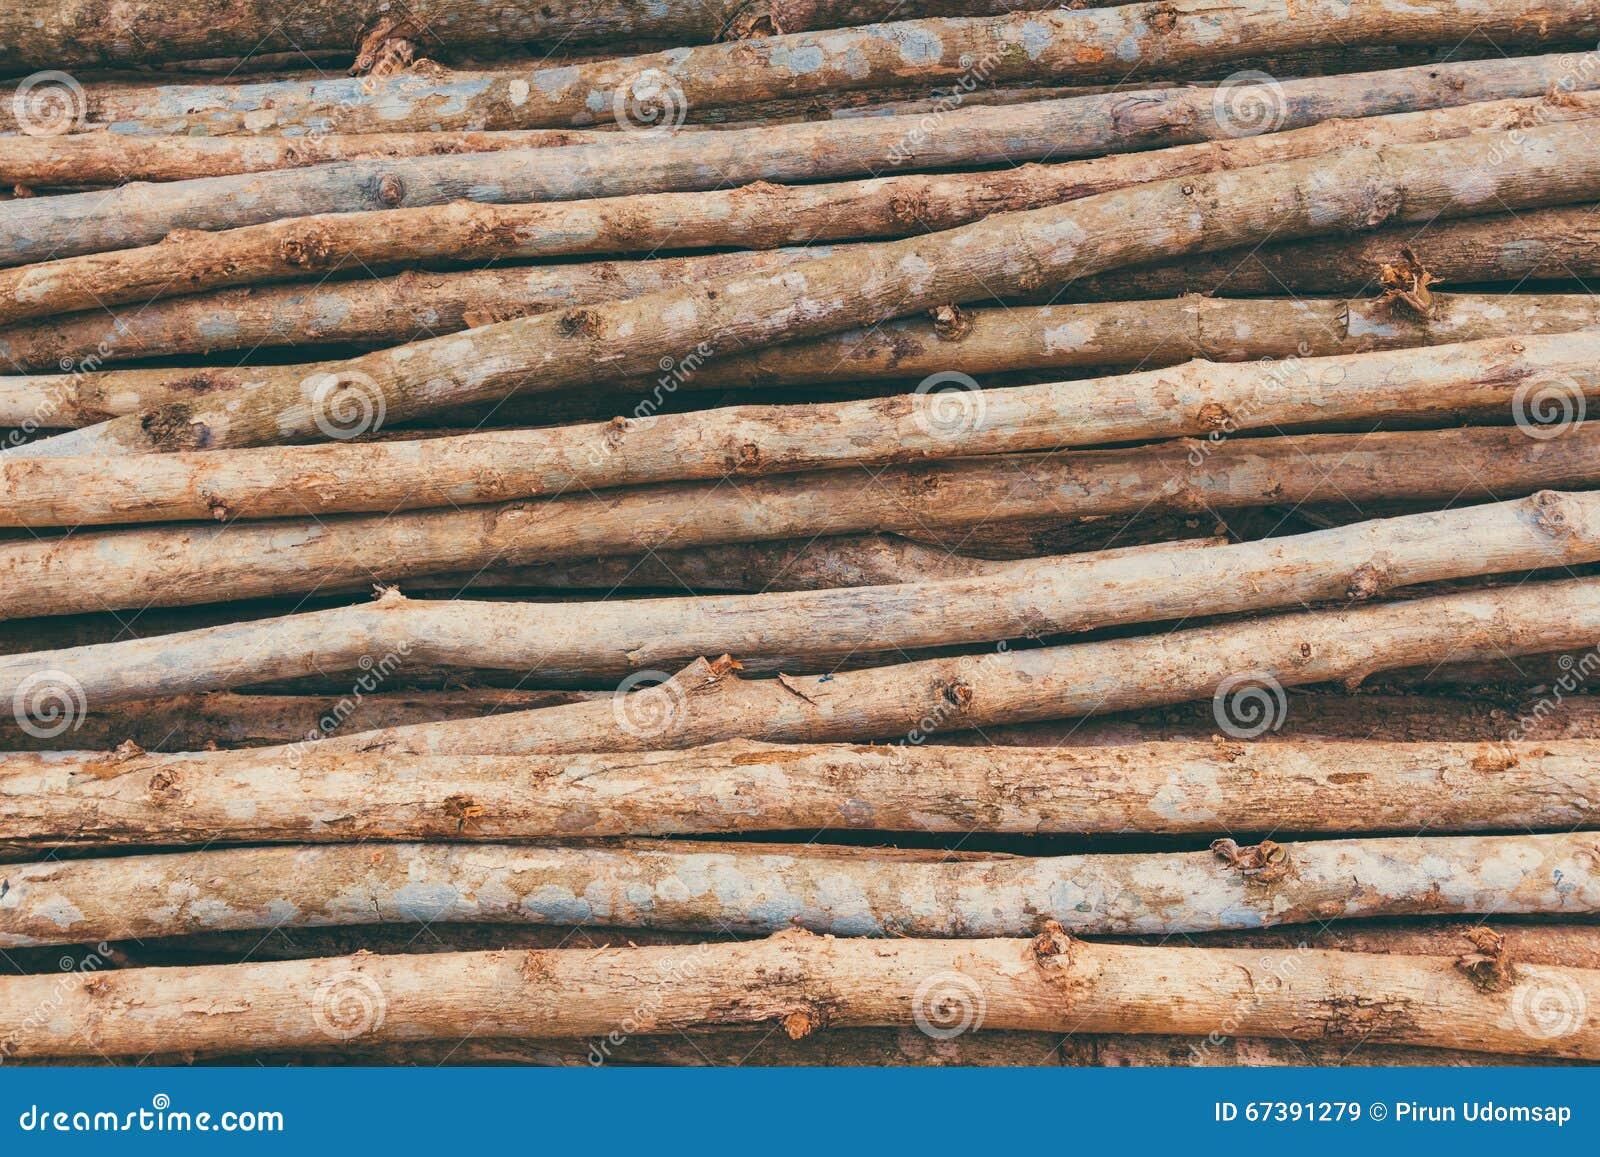 Teak Wood Stocks ~ Teak wood stock photo image